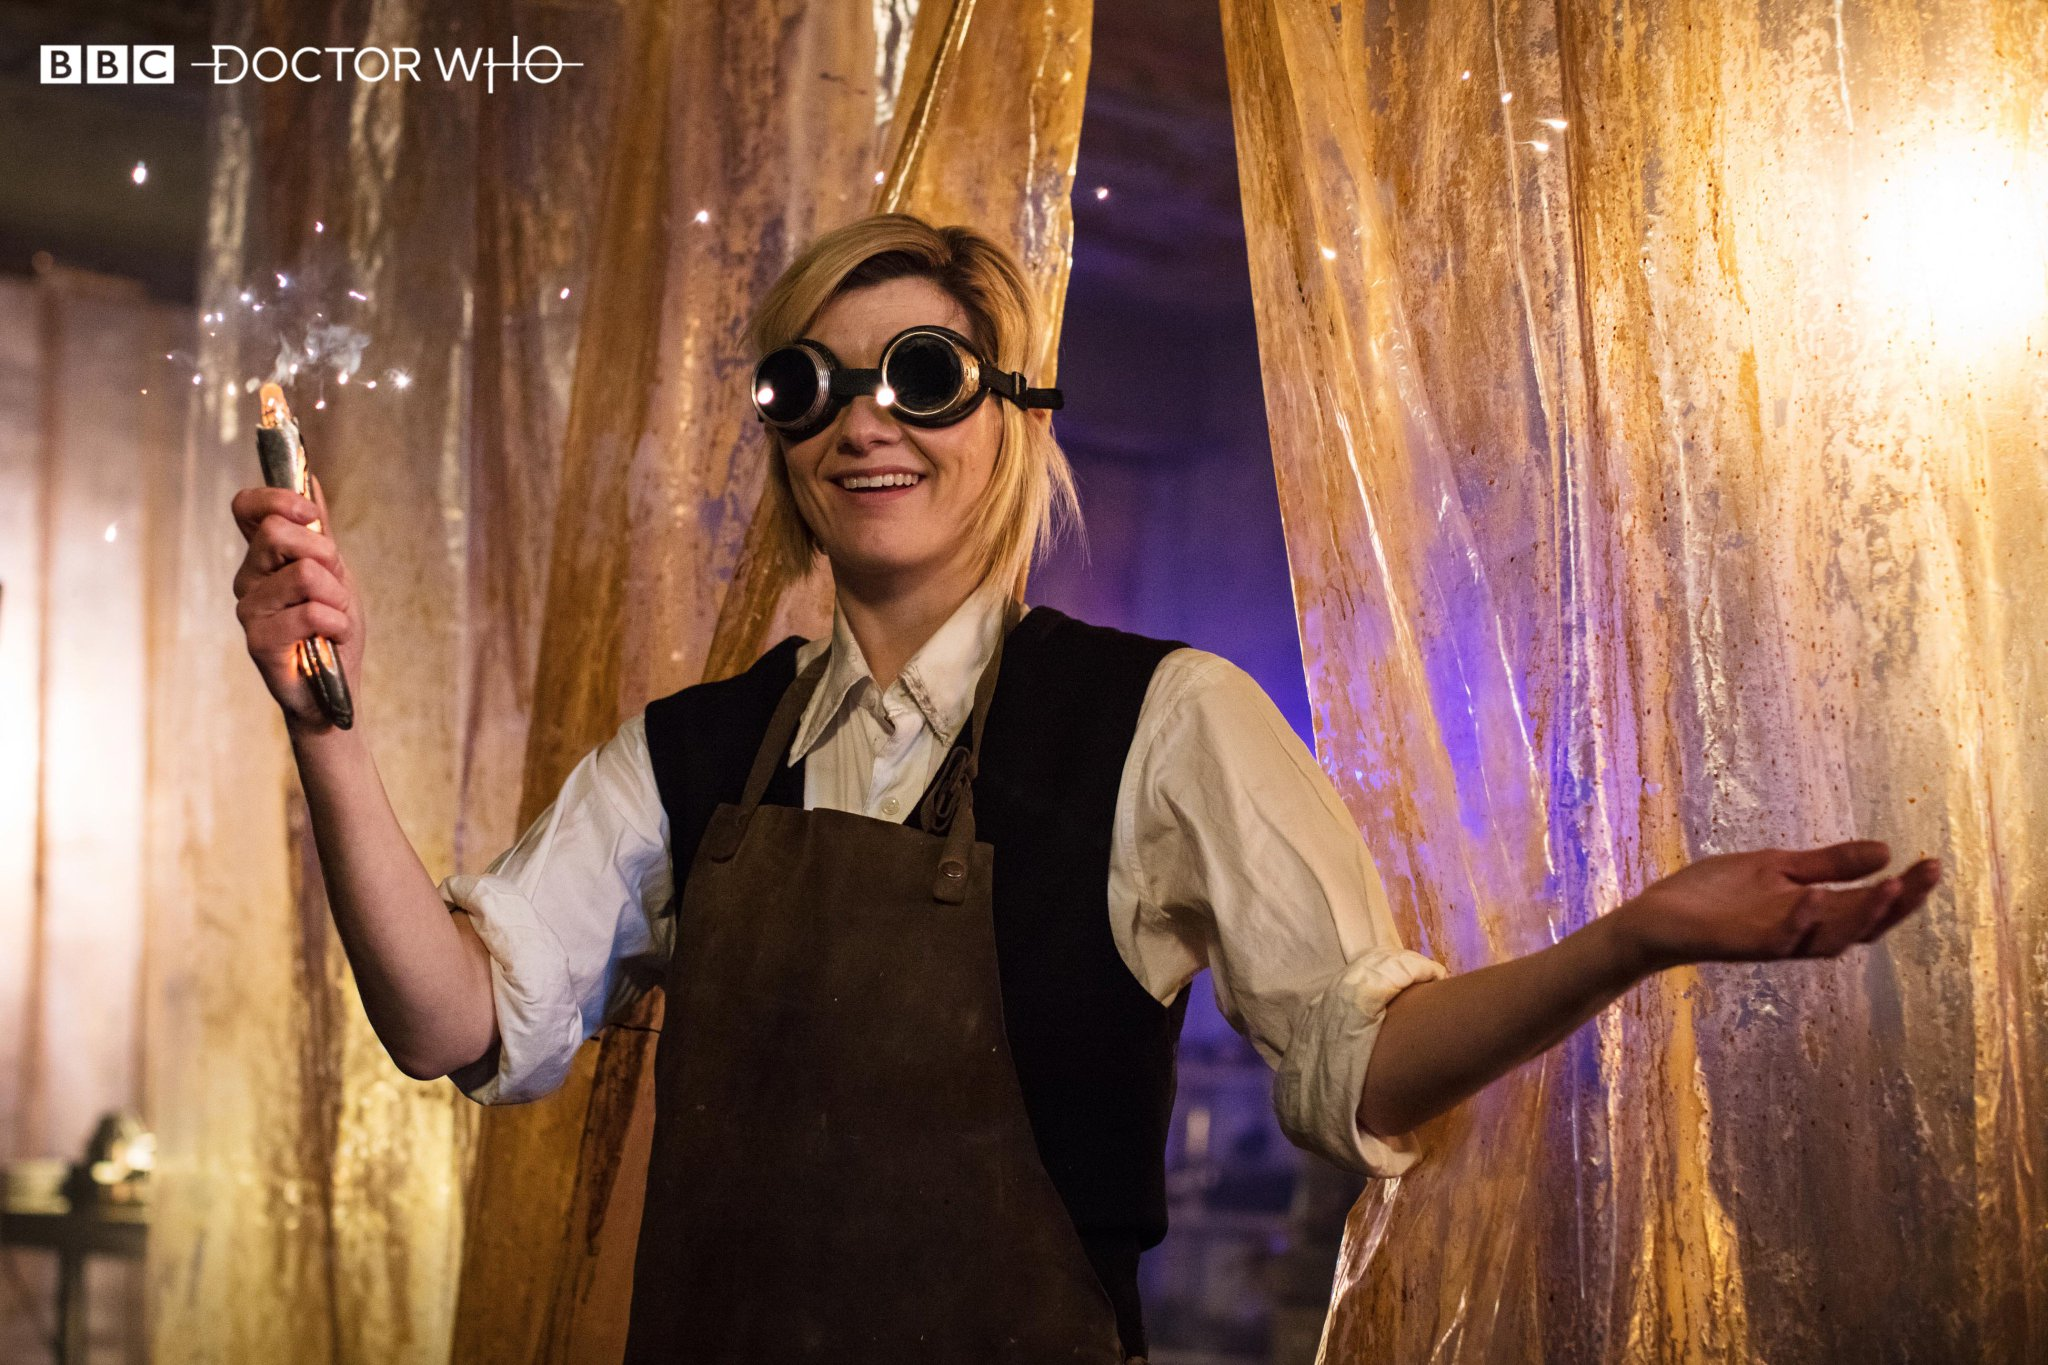 Doctor Who Saison 11 : Discussion générale DndKRIGWsAAz78V